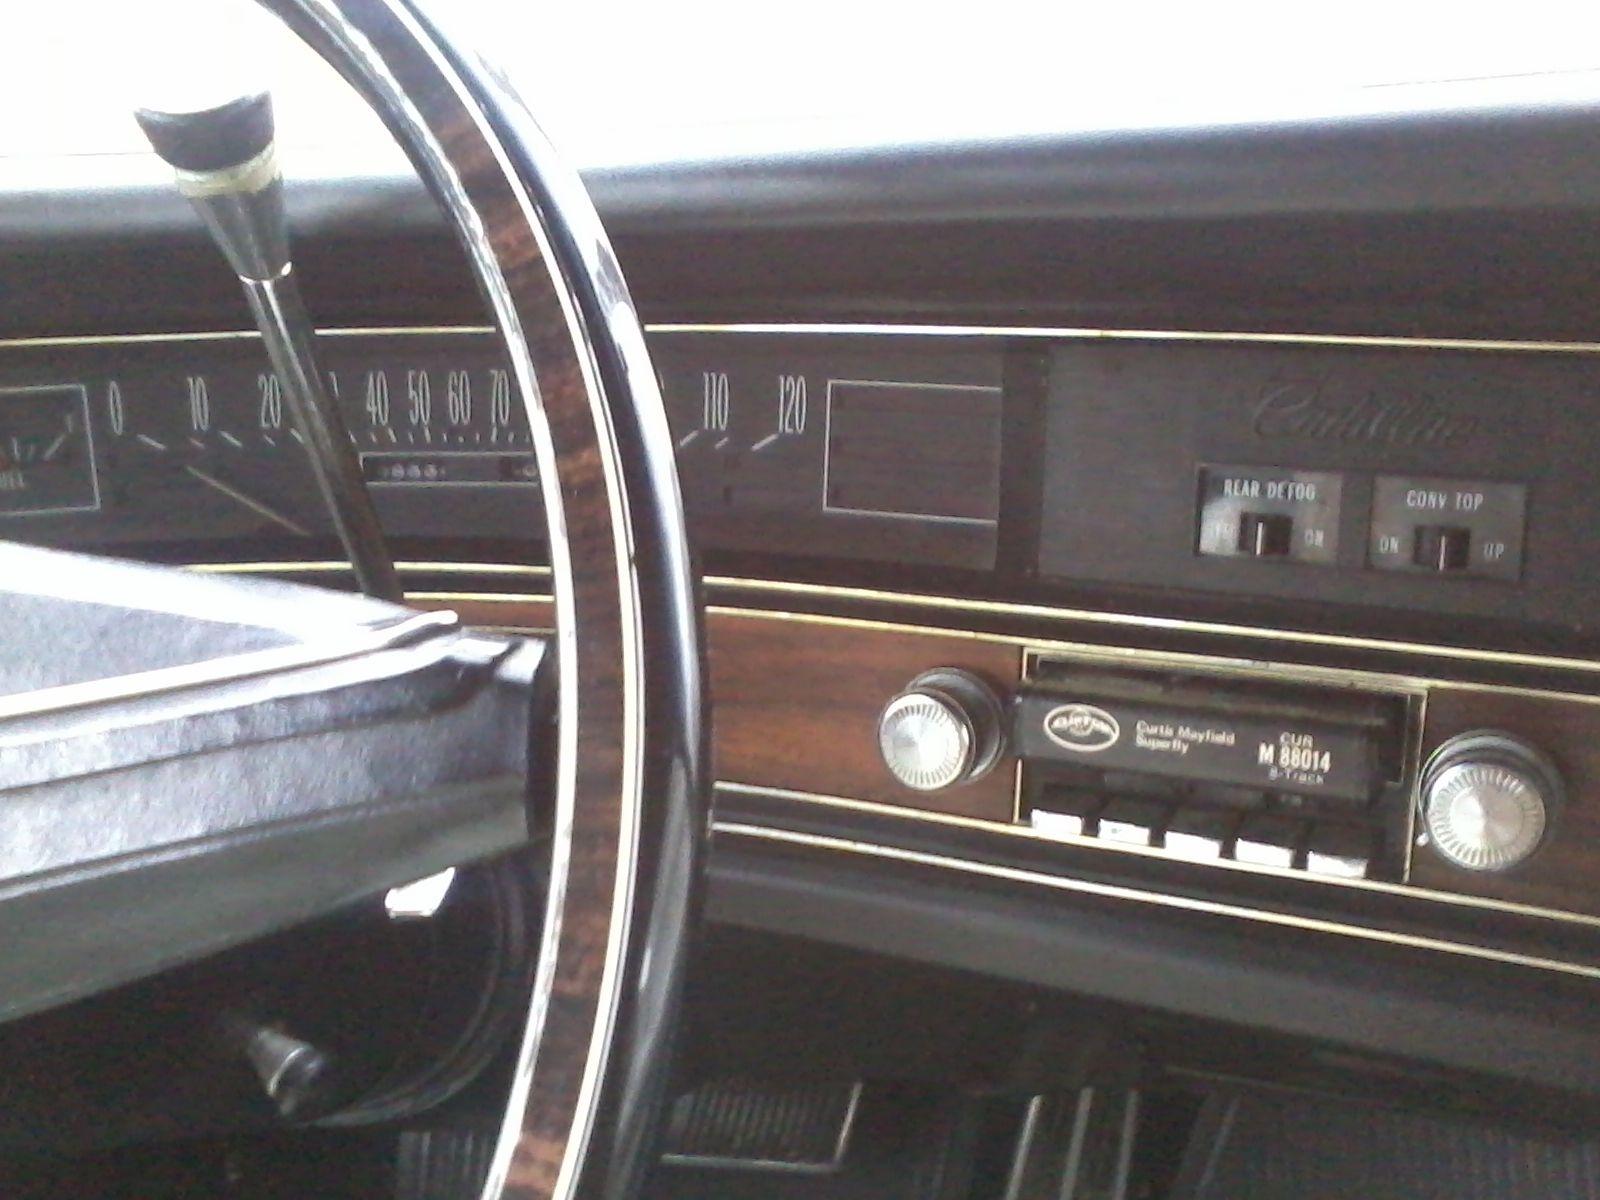 1972 Cadillac Fleetwood Eldorado Convertible Drop Top